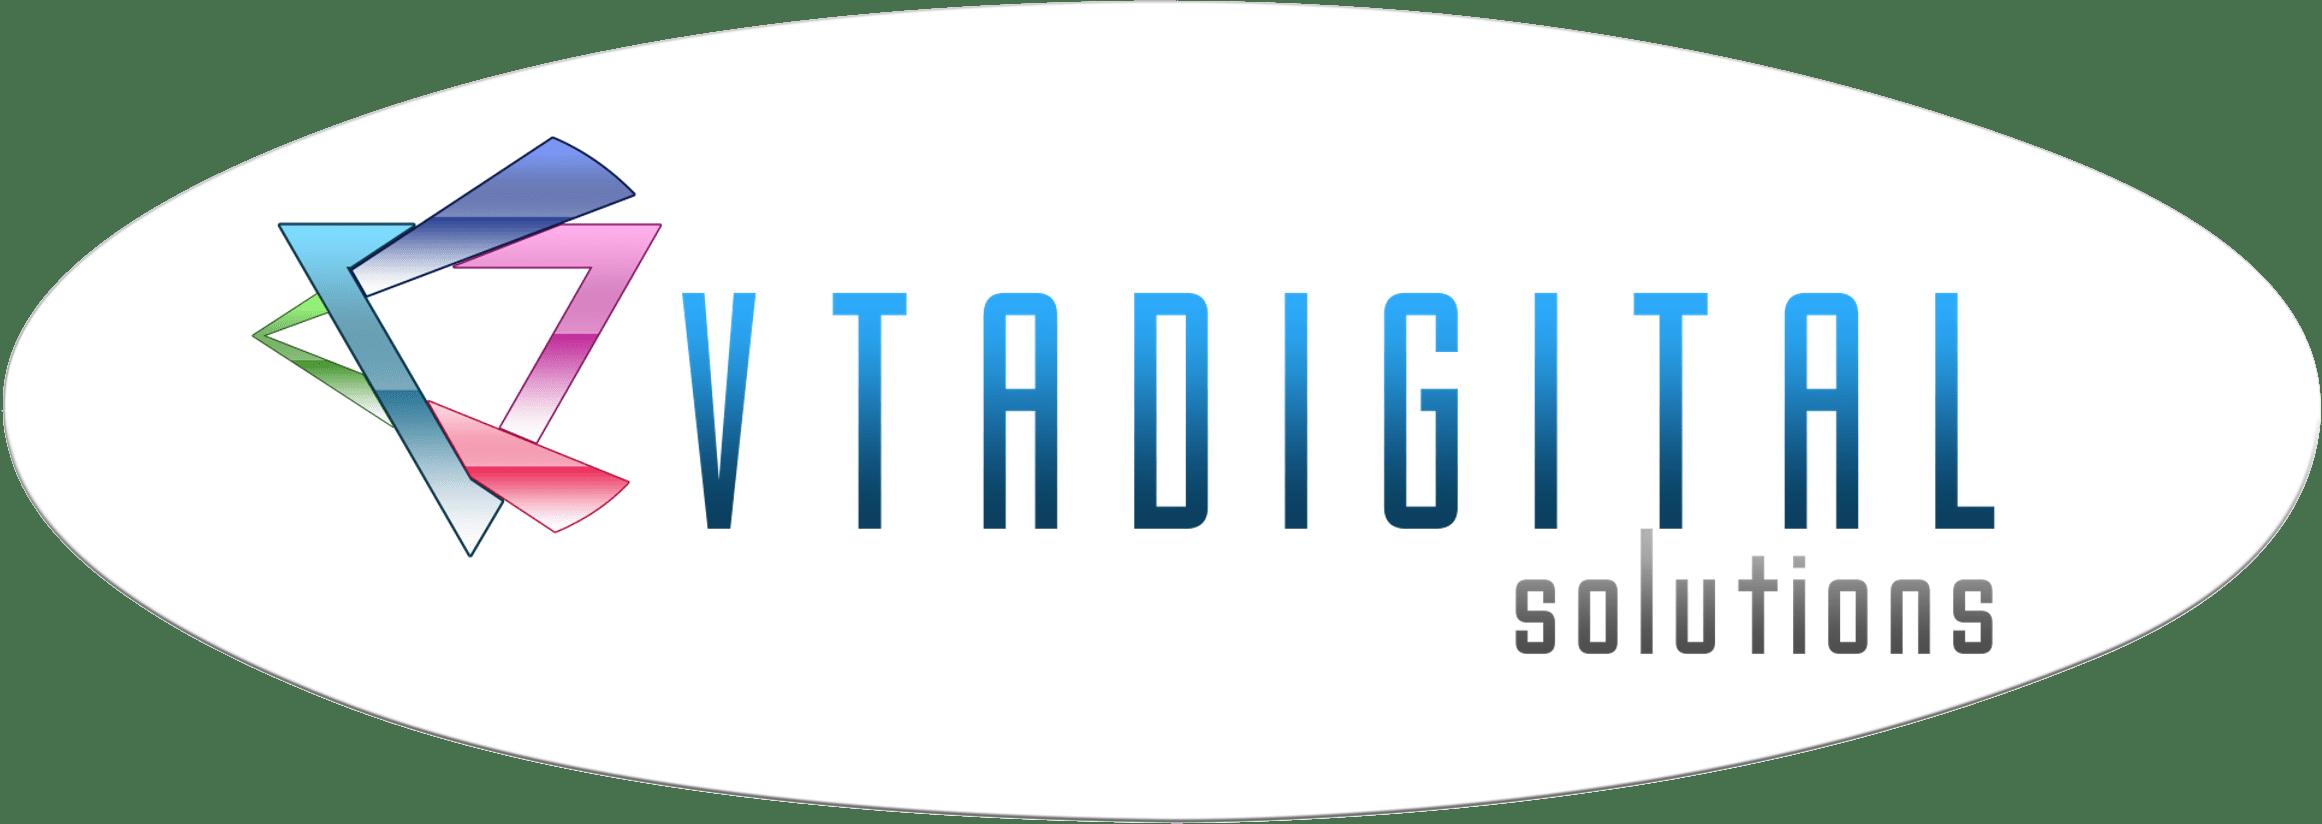 VTA Logo min - VTA Digital Solutions Terms and Conditions